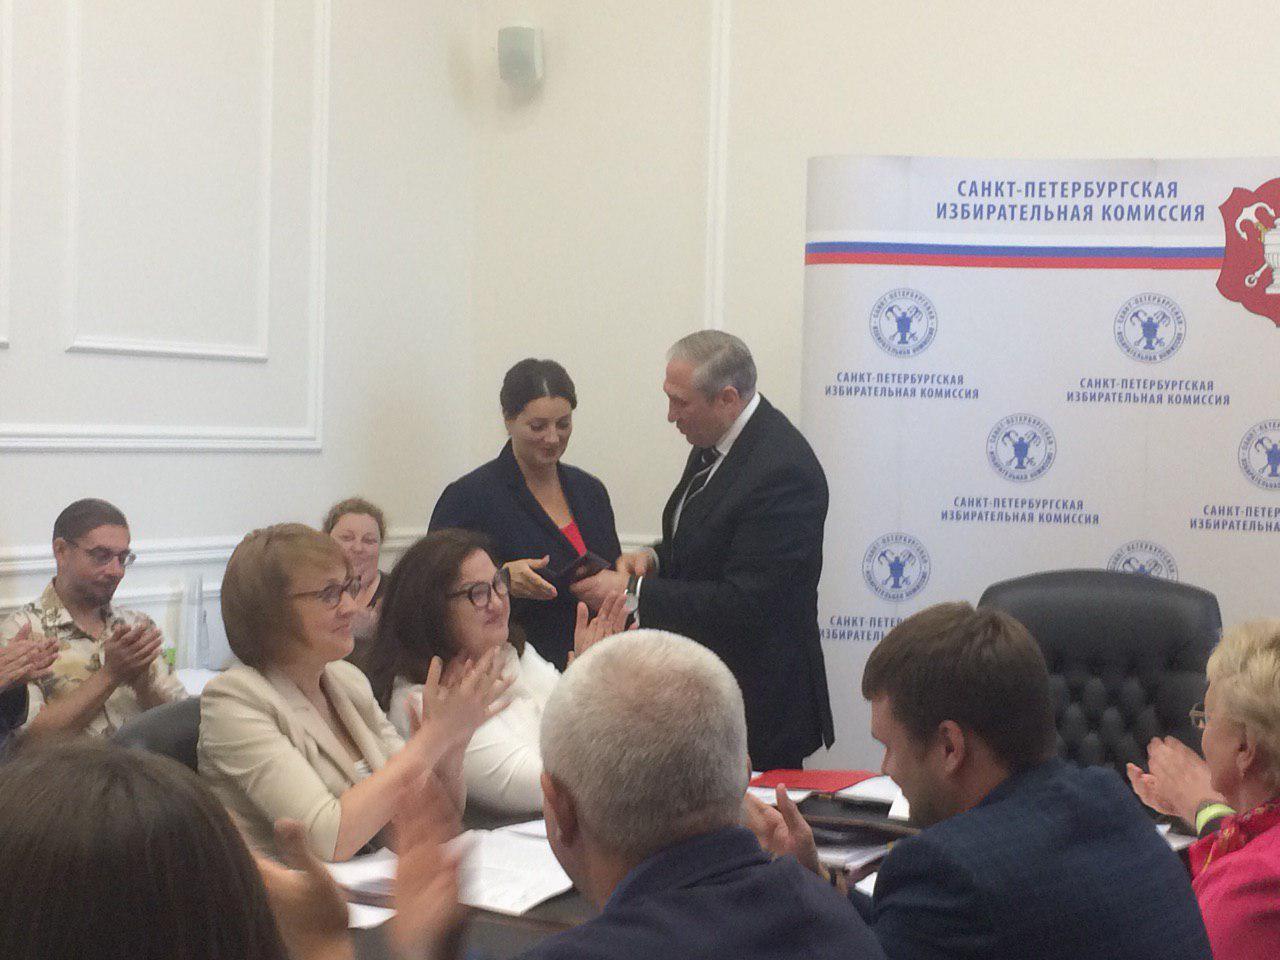 фото ЗакС политика Бортко, Амосова и Тихонову зарегистрировали как кандидатов в губернаторы